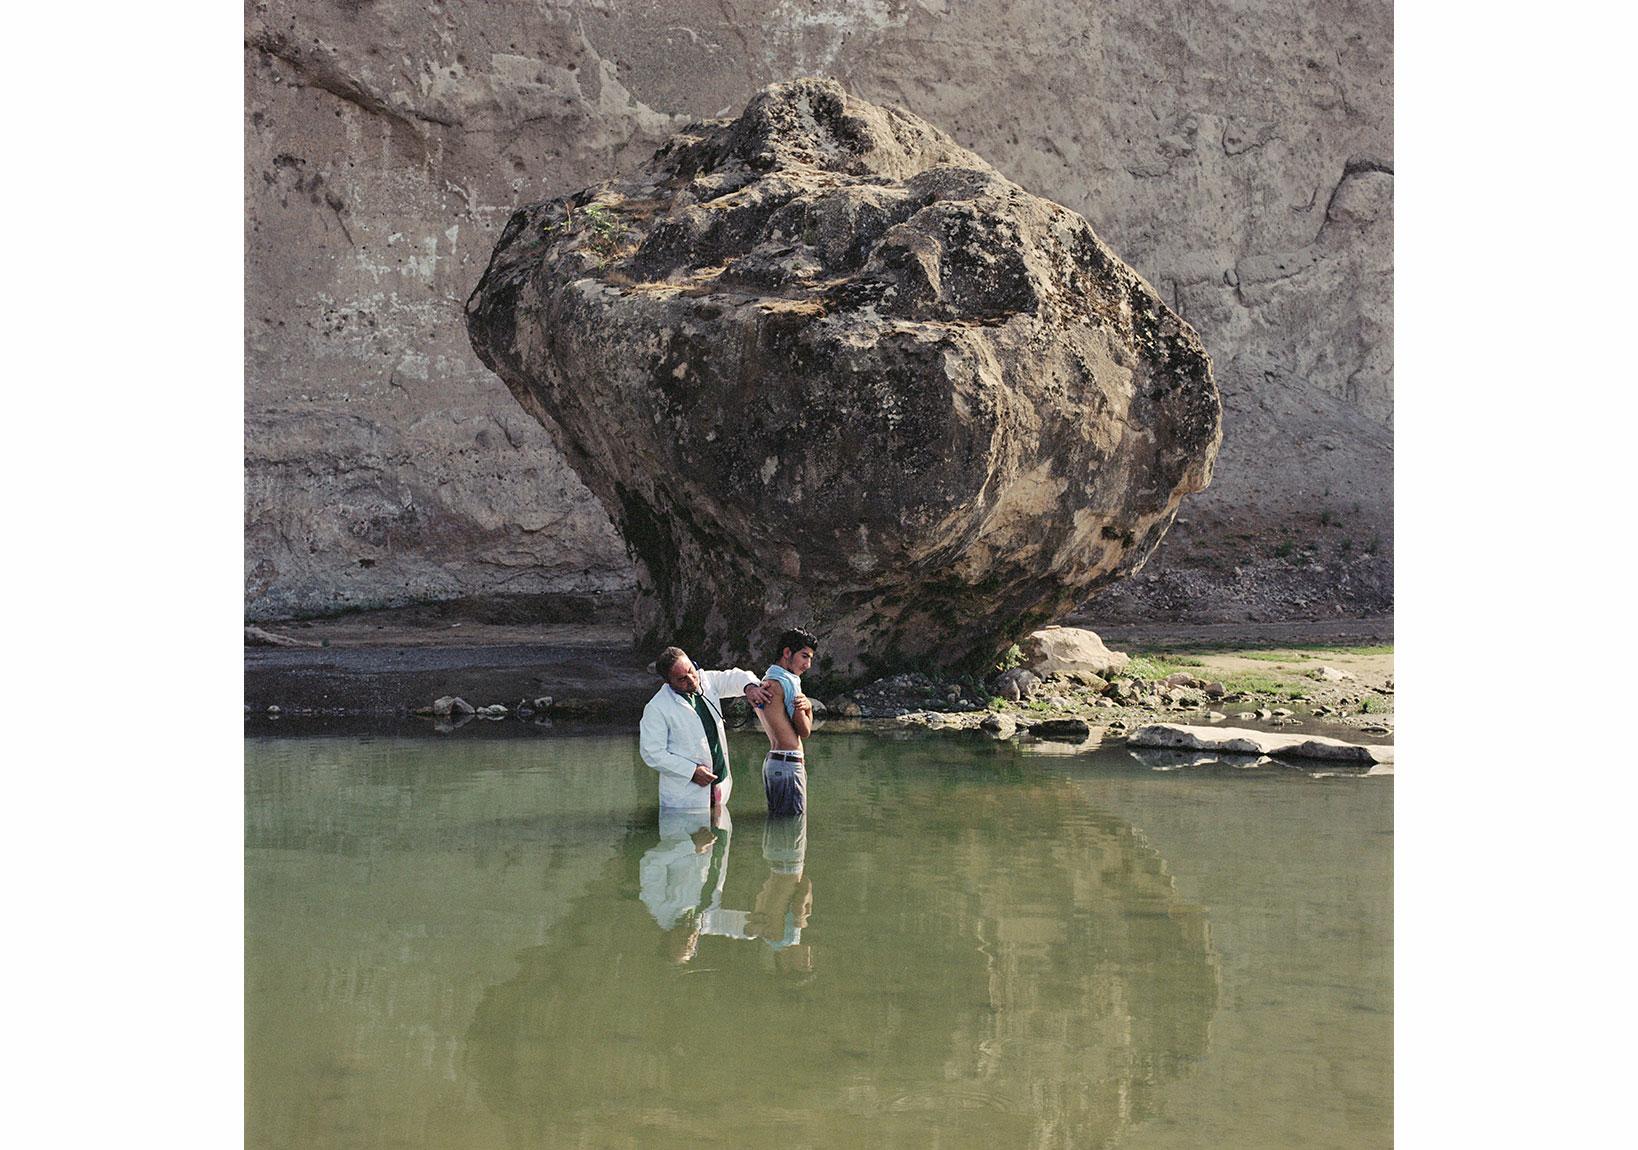 Servet Koçyiğit -Doktor / Doc, 2008,C-print,120 x 120 cm,Sanatçının ve Rampa'nın izniyle / Courtesy the Artist and Rampa